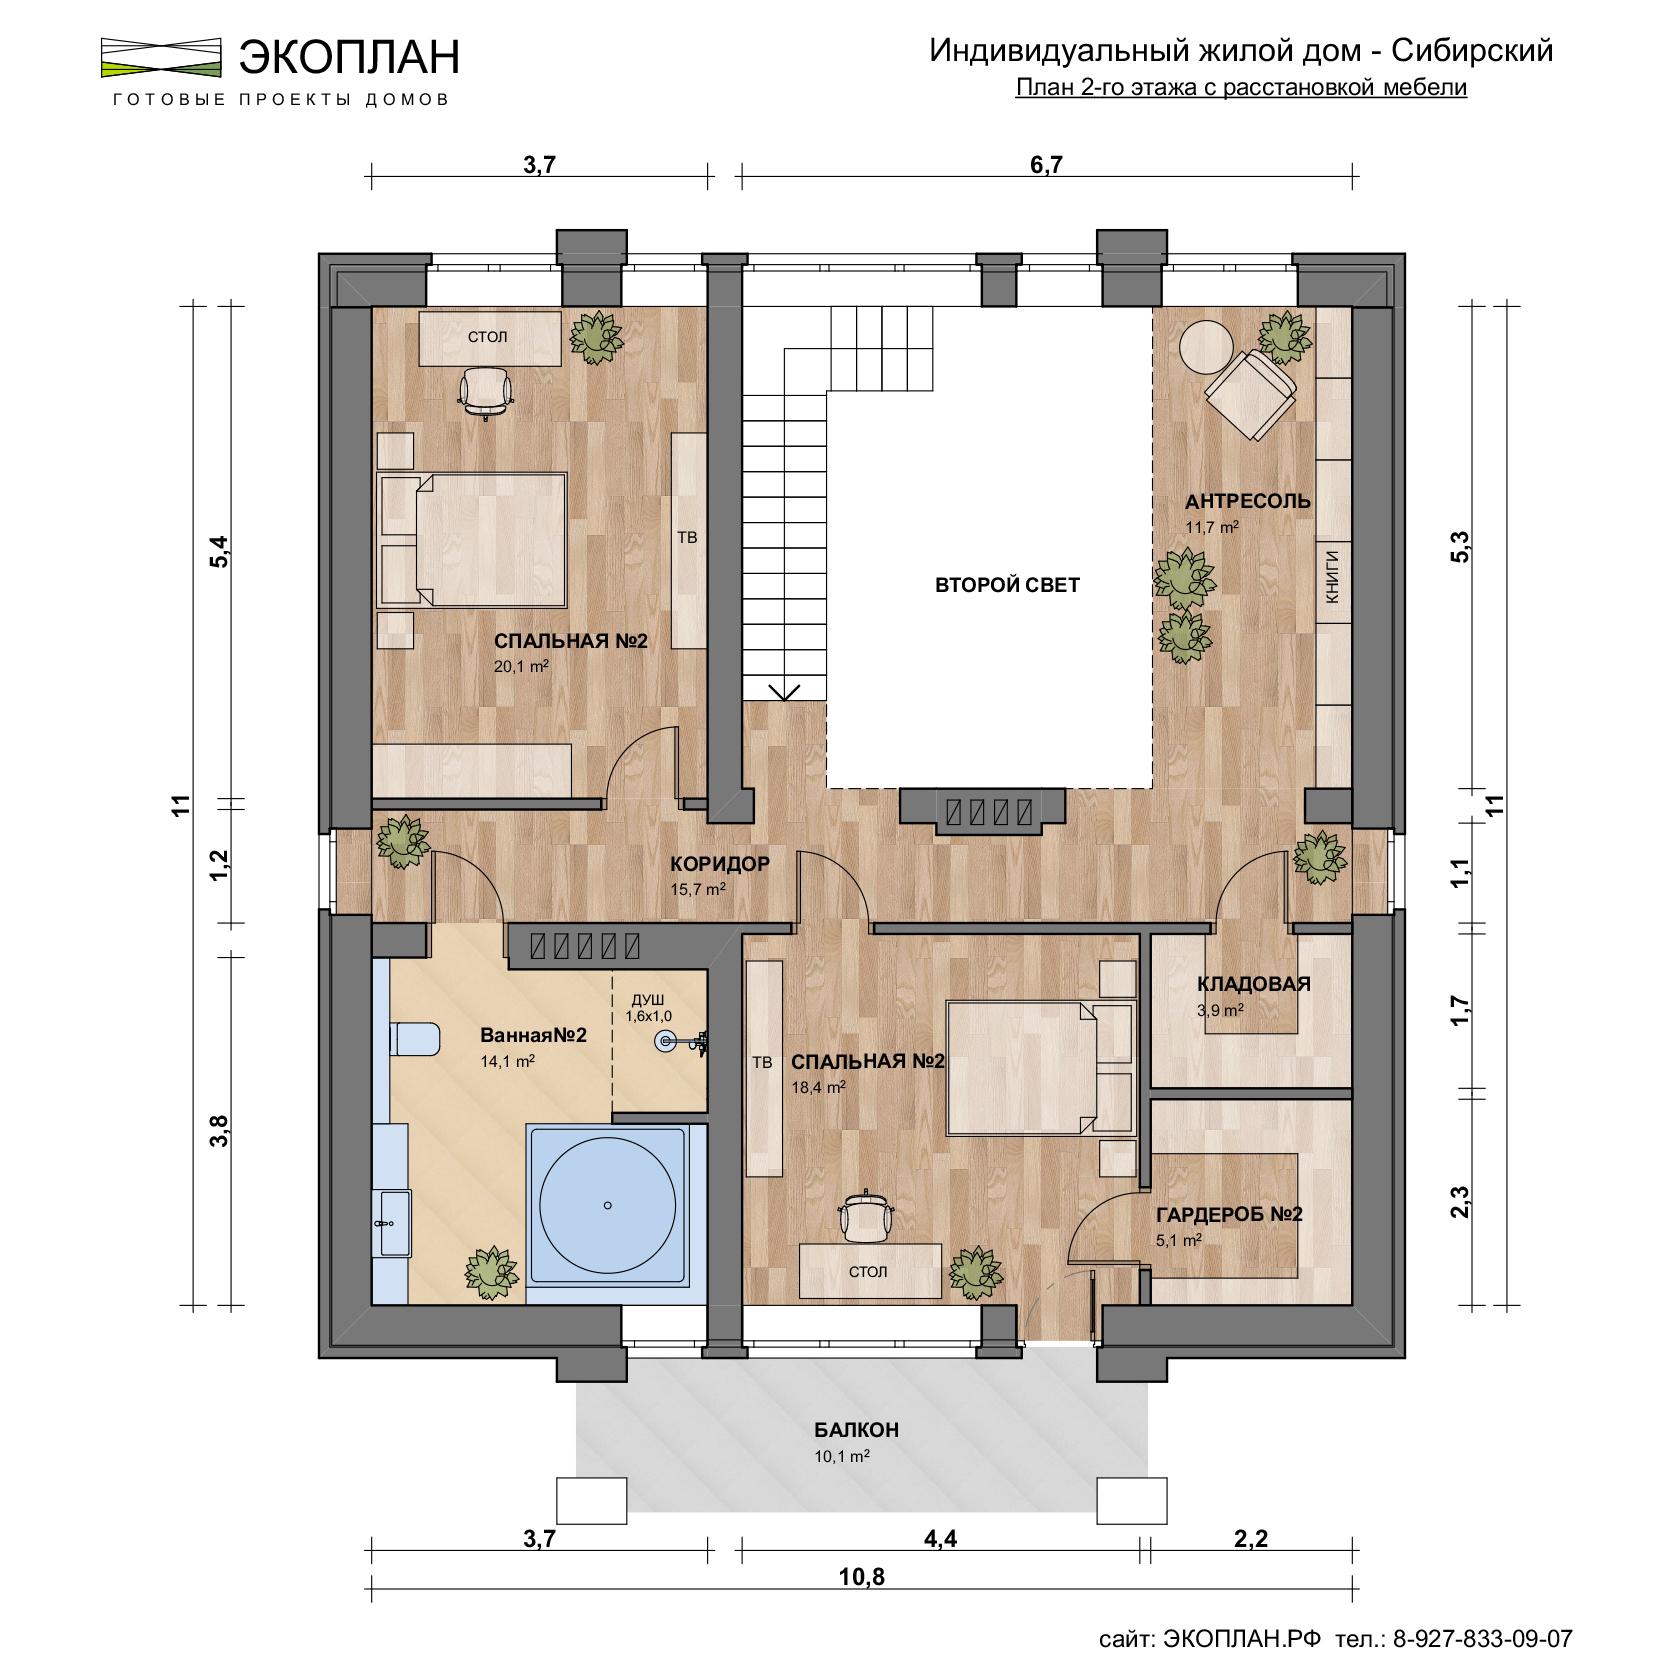 Готовый проект дома - Сибирский - Ульяновск план